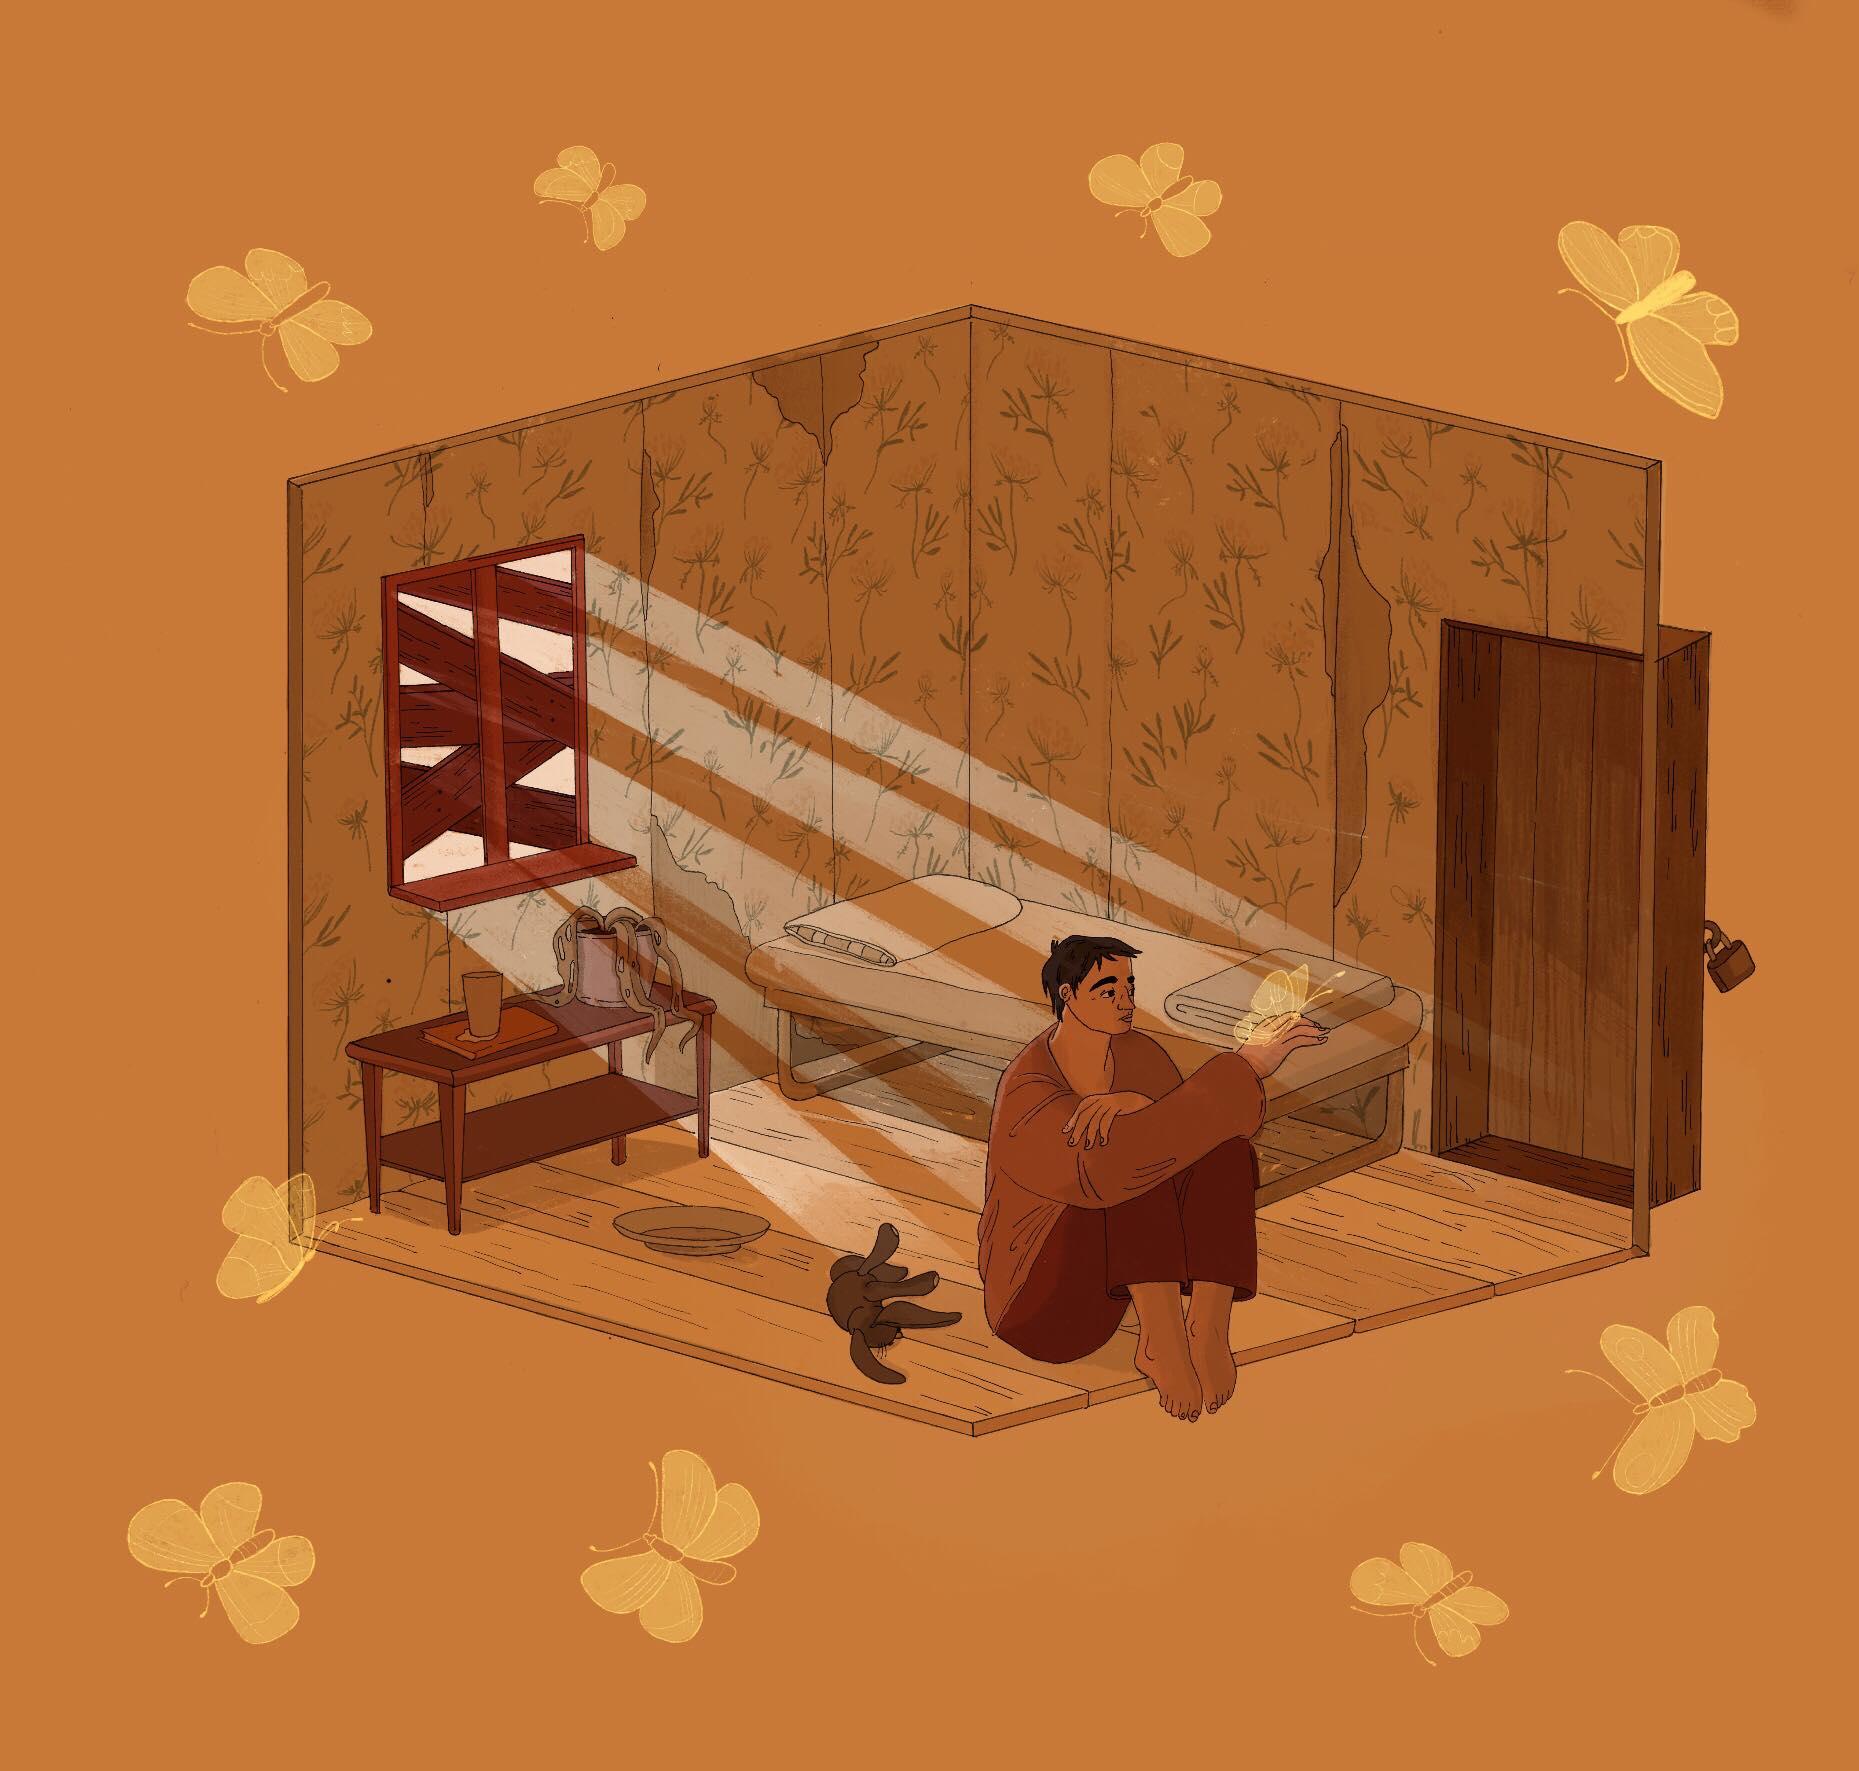 Illustrations: Borislava Willnevermadeit